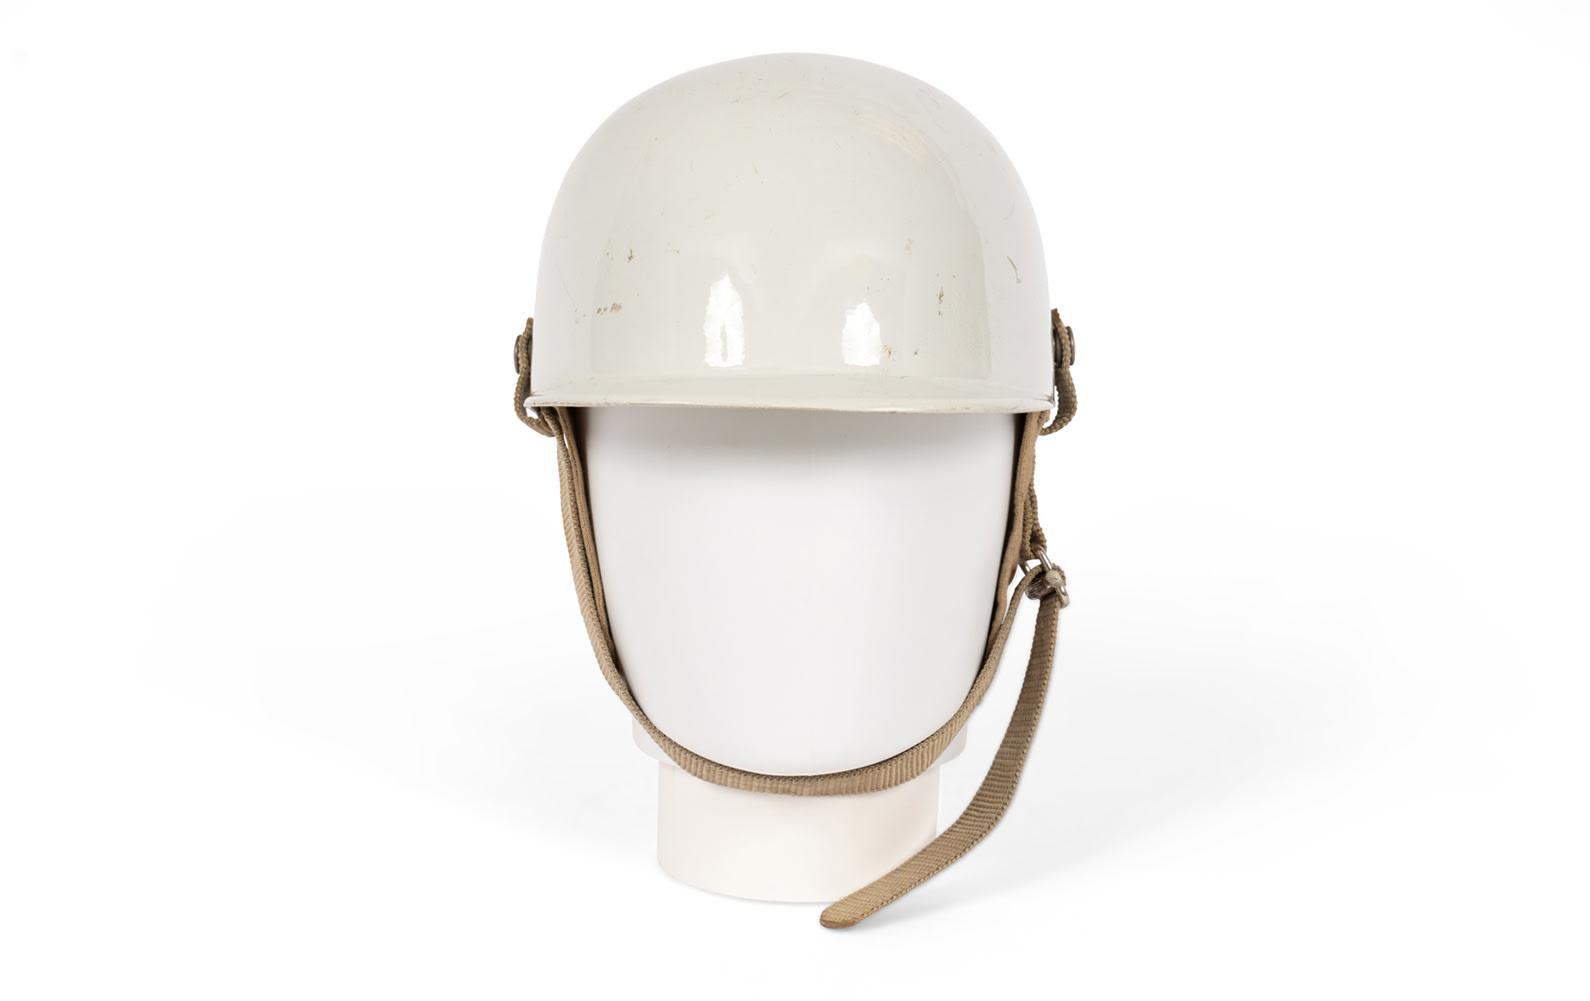 Vintage Style Racing Helmet